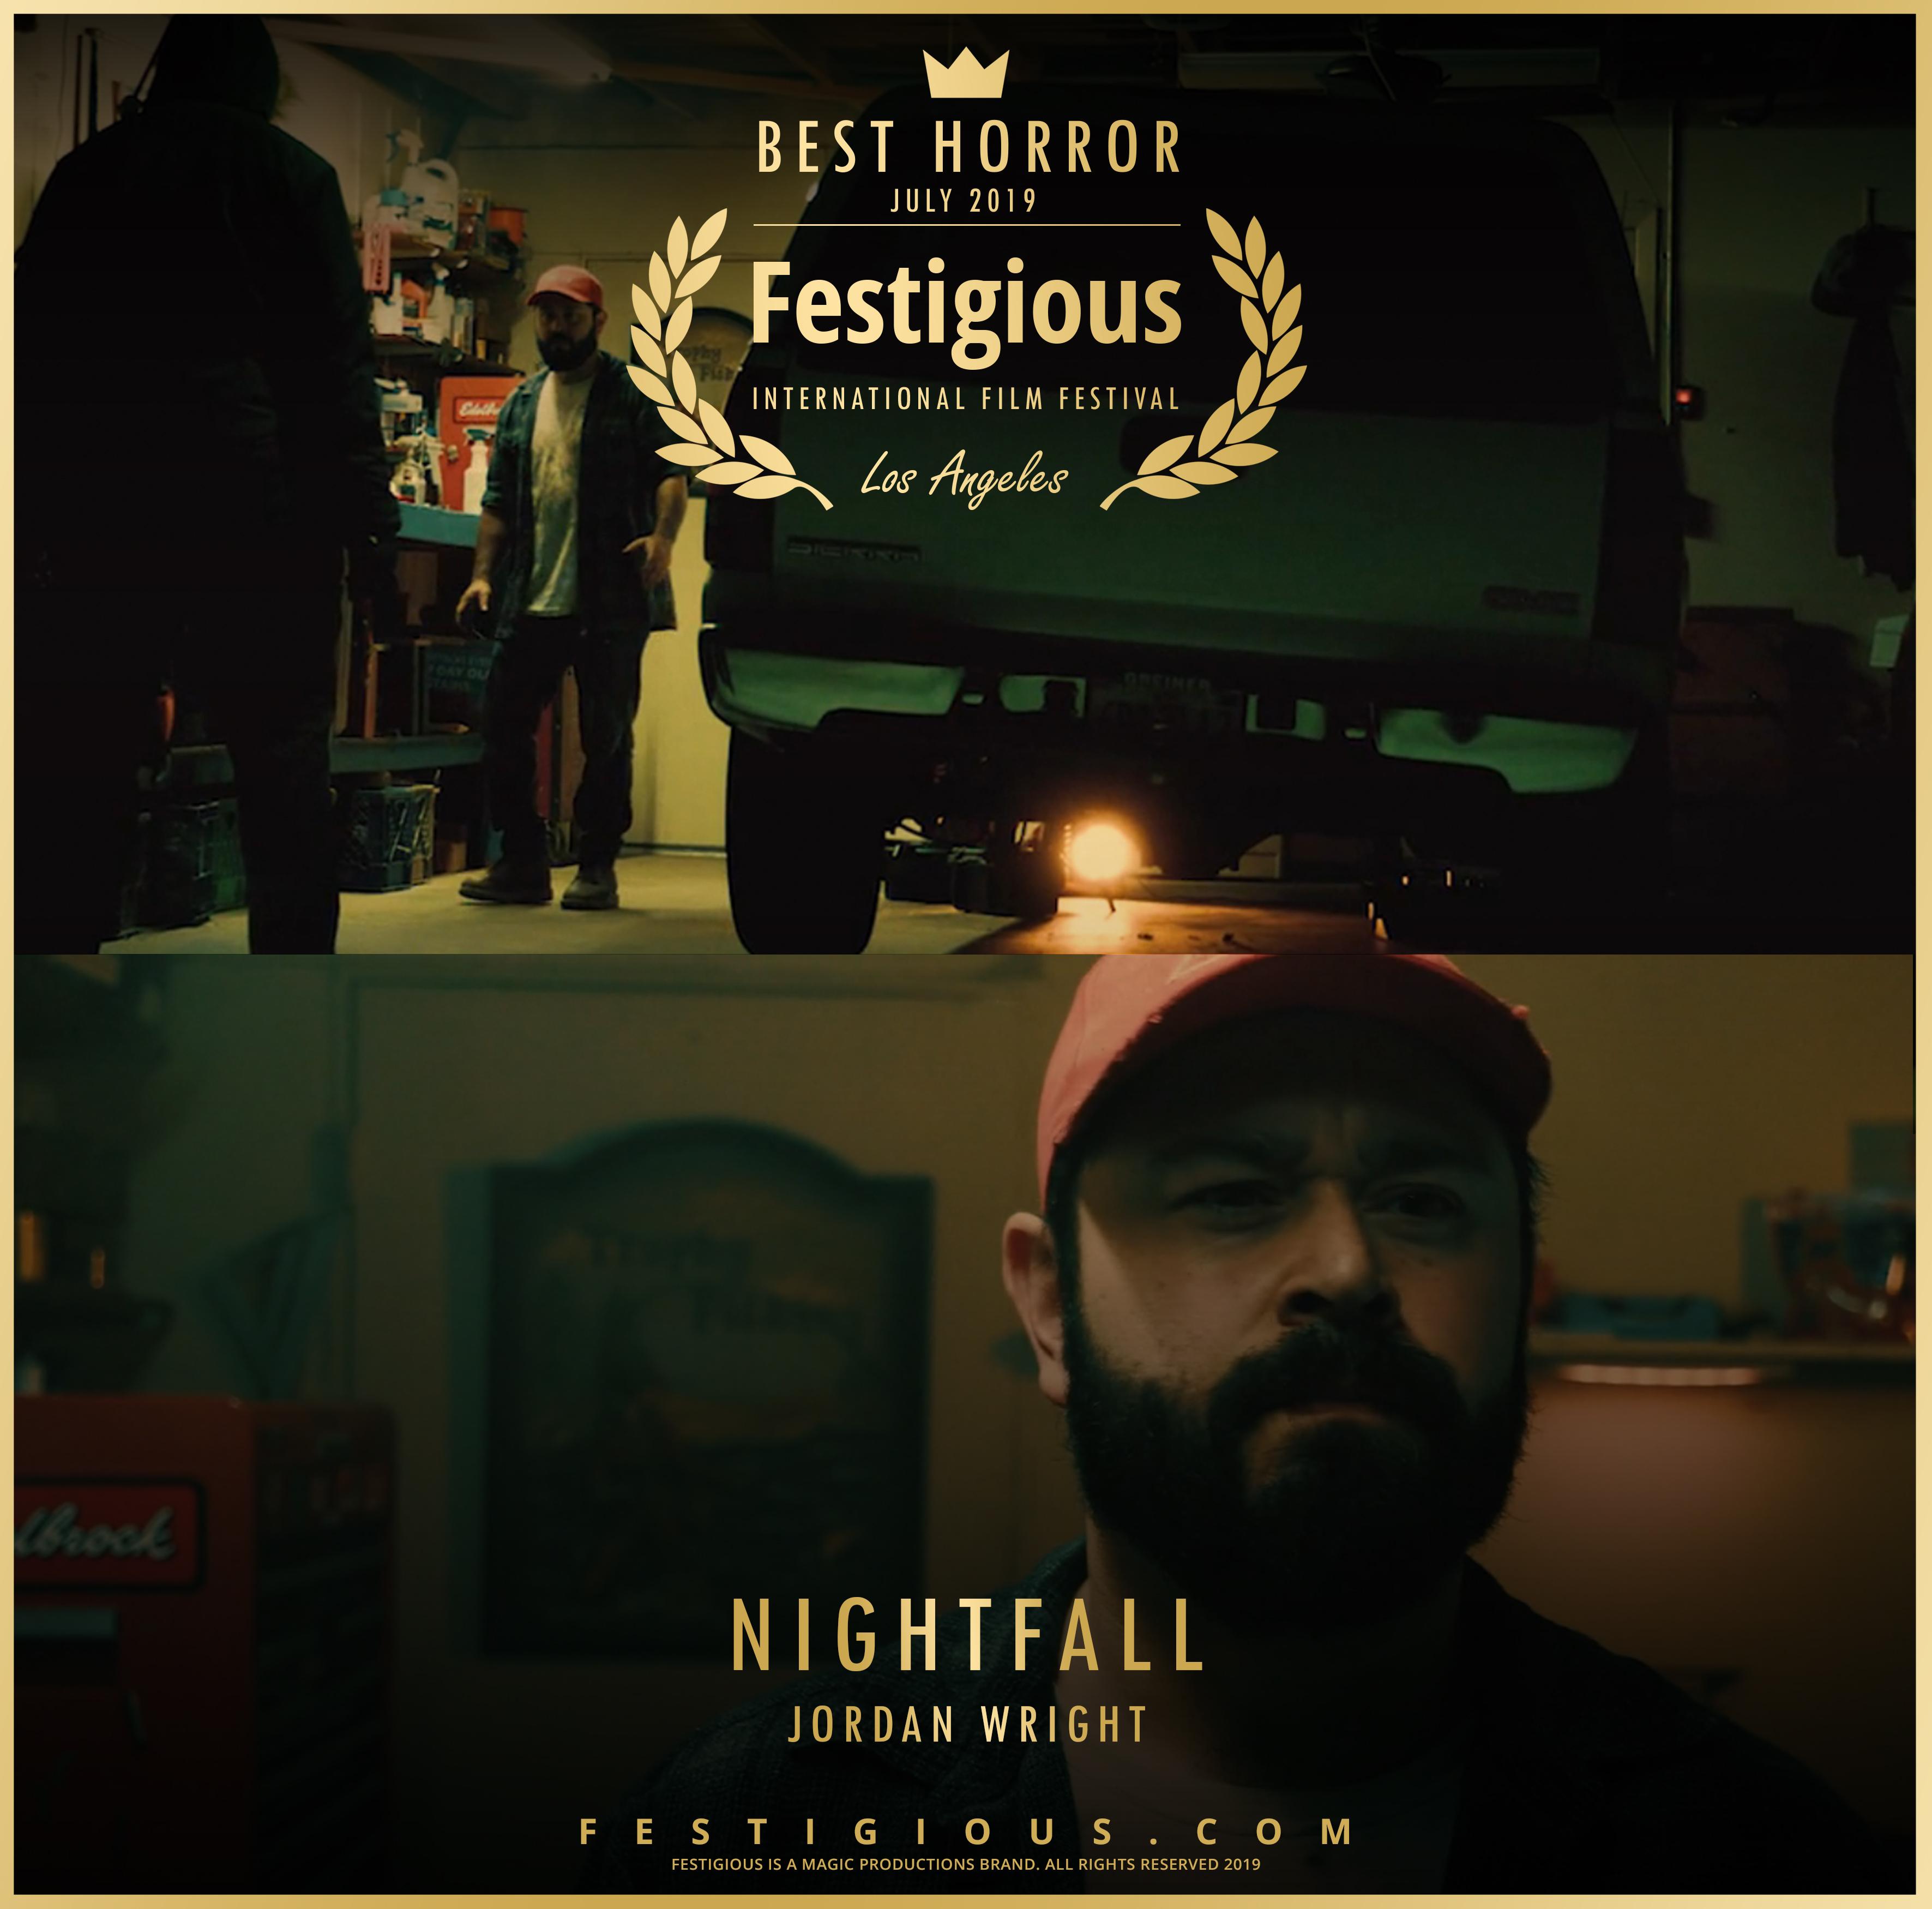 NIGHTFALL design